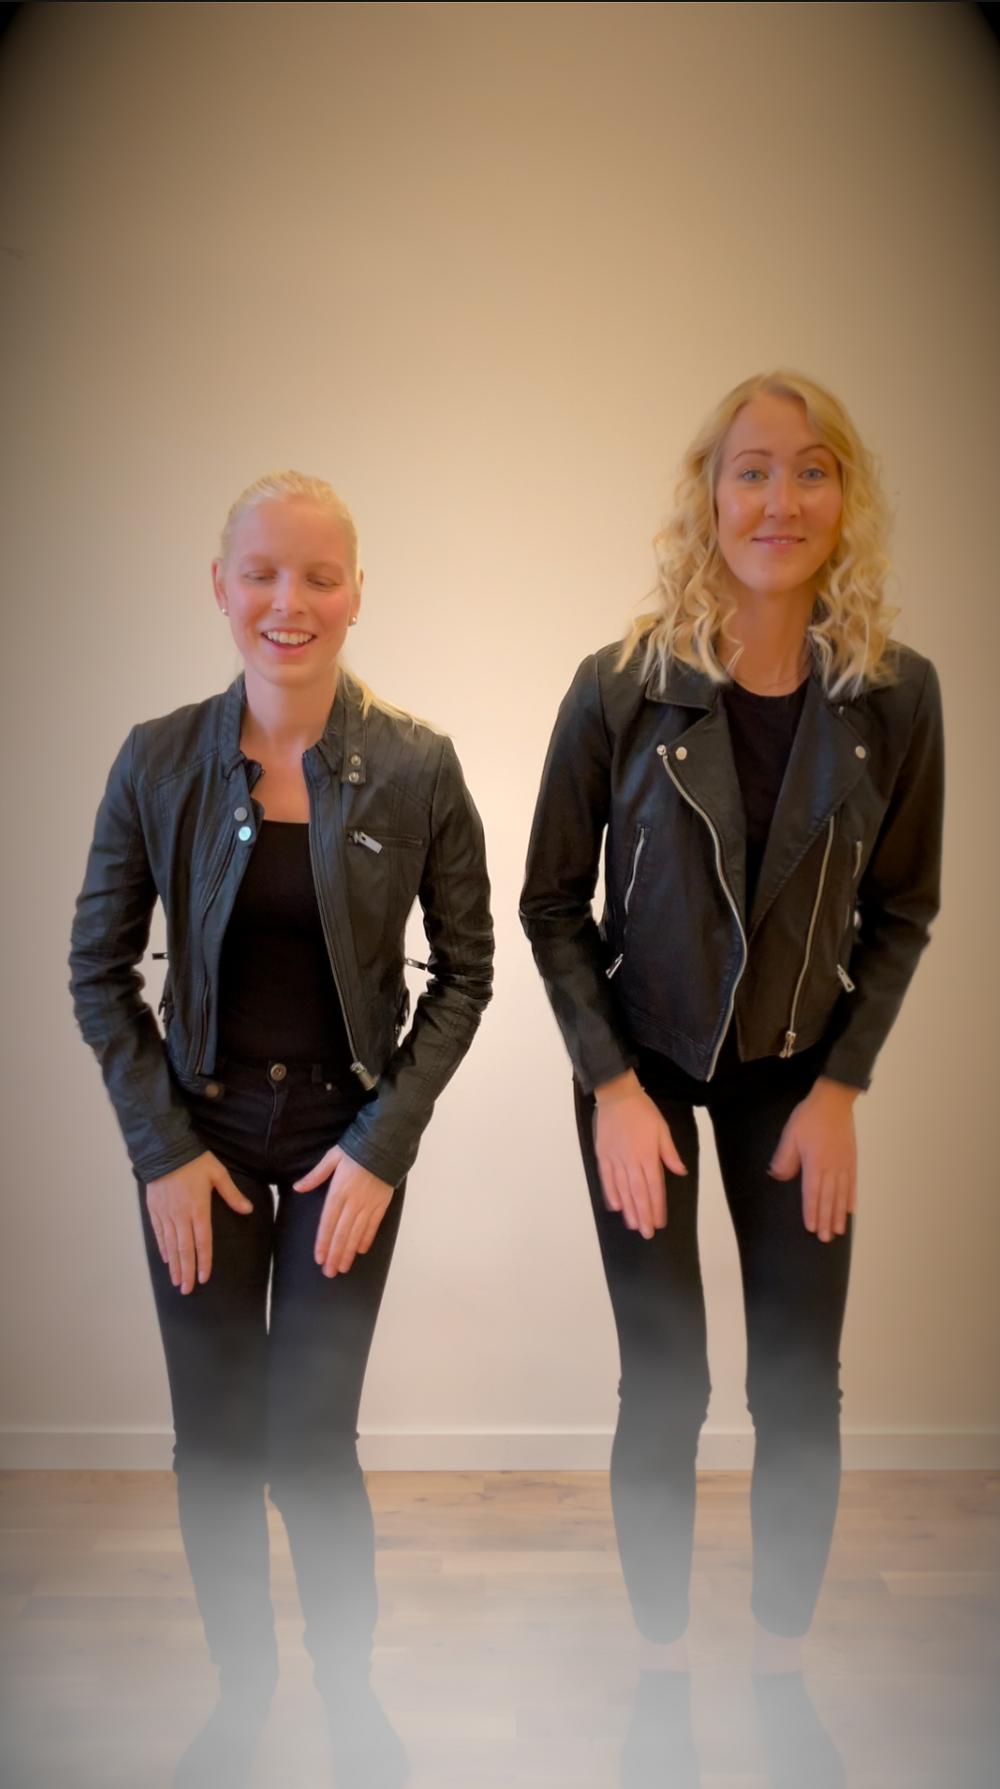 Två personer utklädda till två karaktärer från filmen Grease